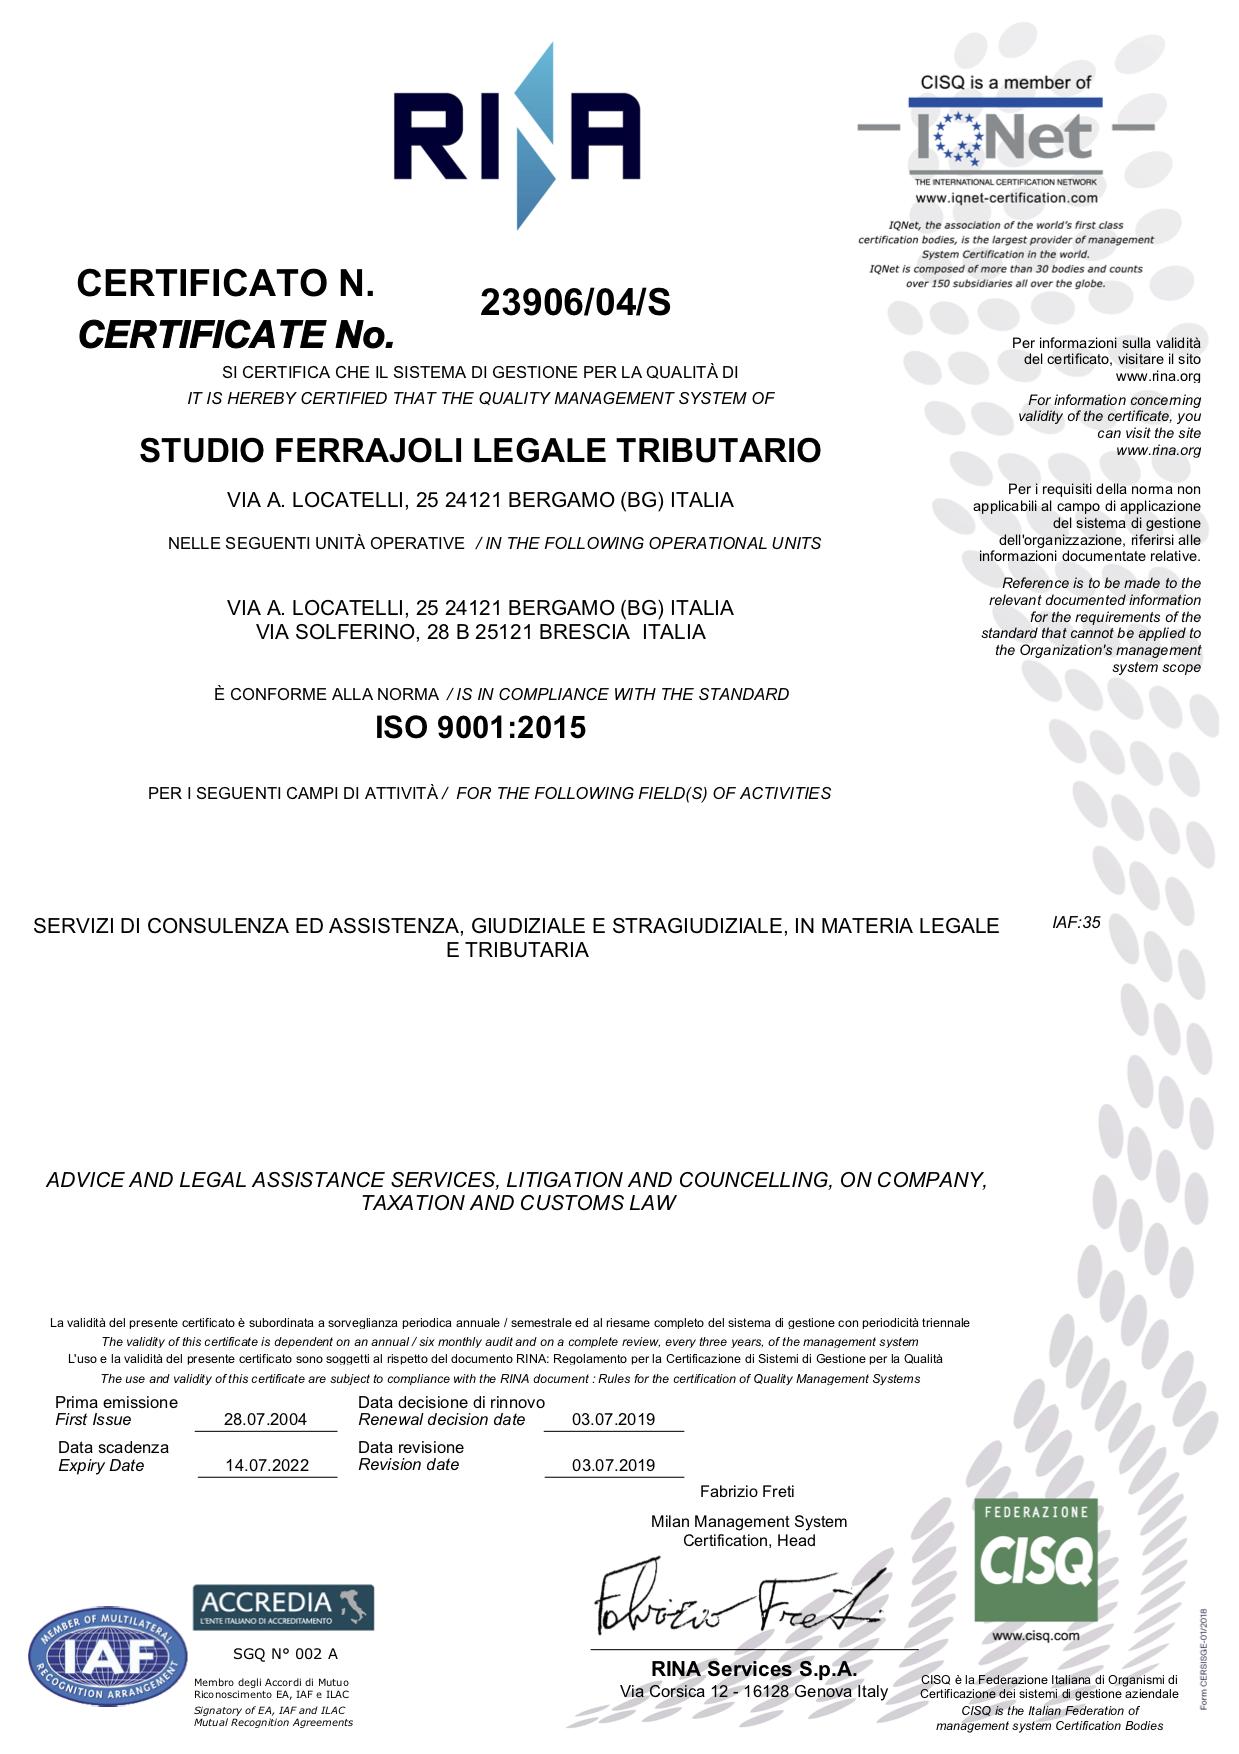 VisualizzaCertificato.aspx